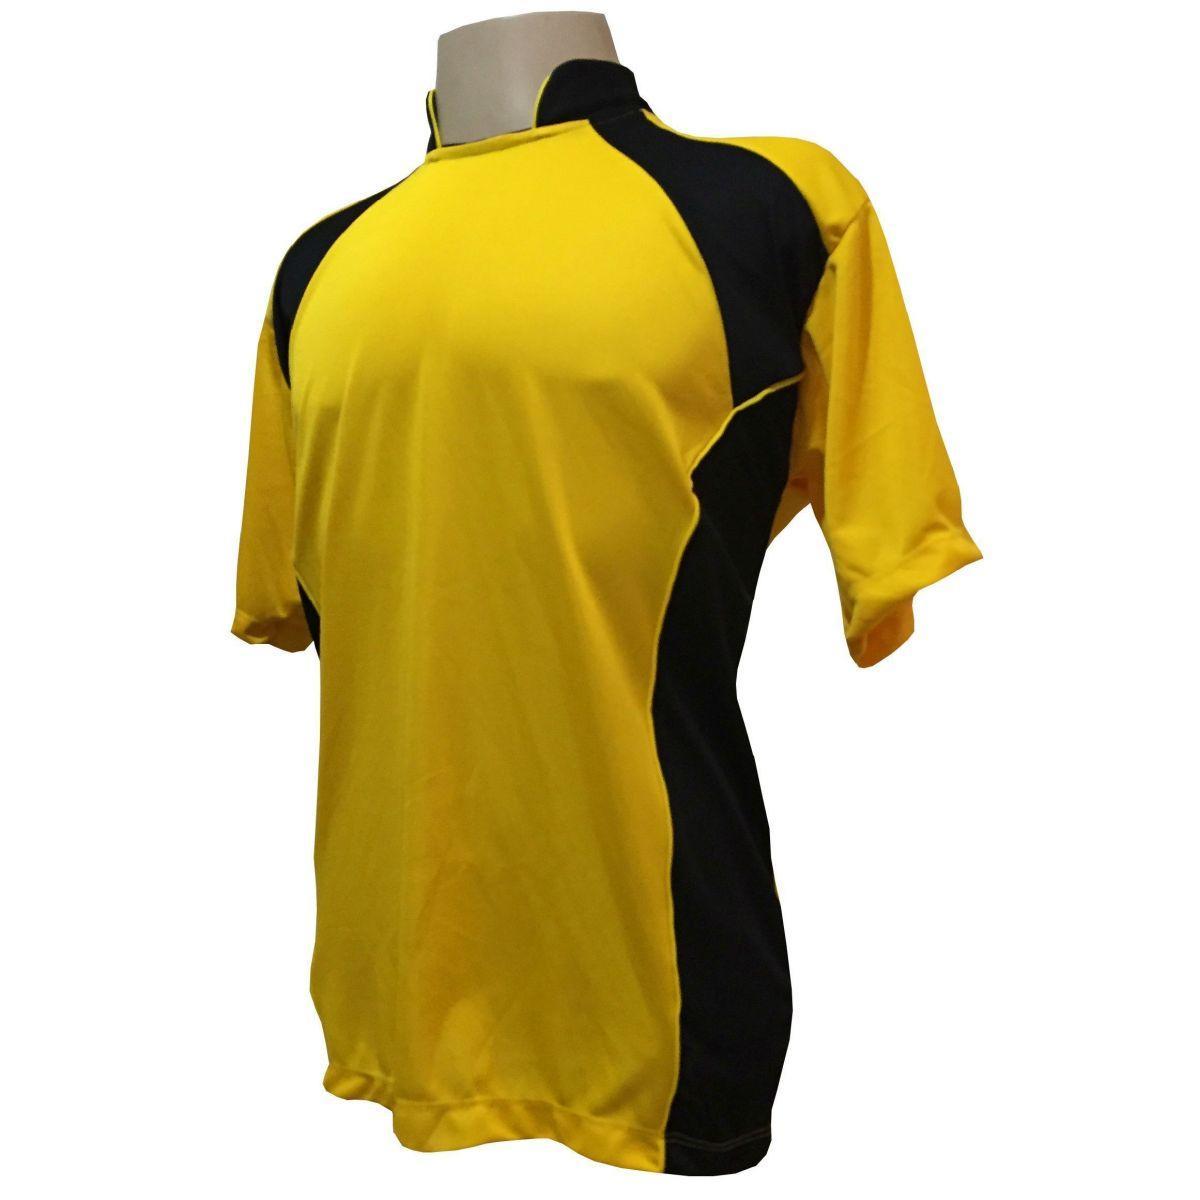 651207de43 Jogo de Camisa com 14 unidades modelo Suécia Amarelo Preto + Brindes - Play  fair R  349